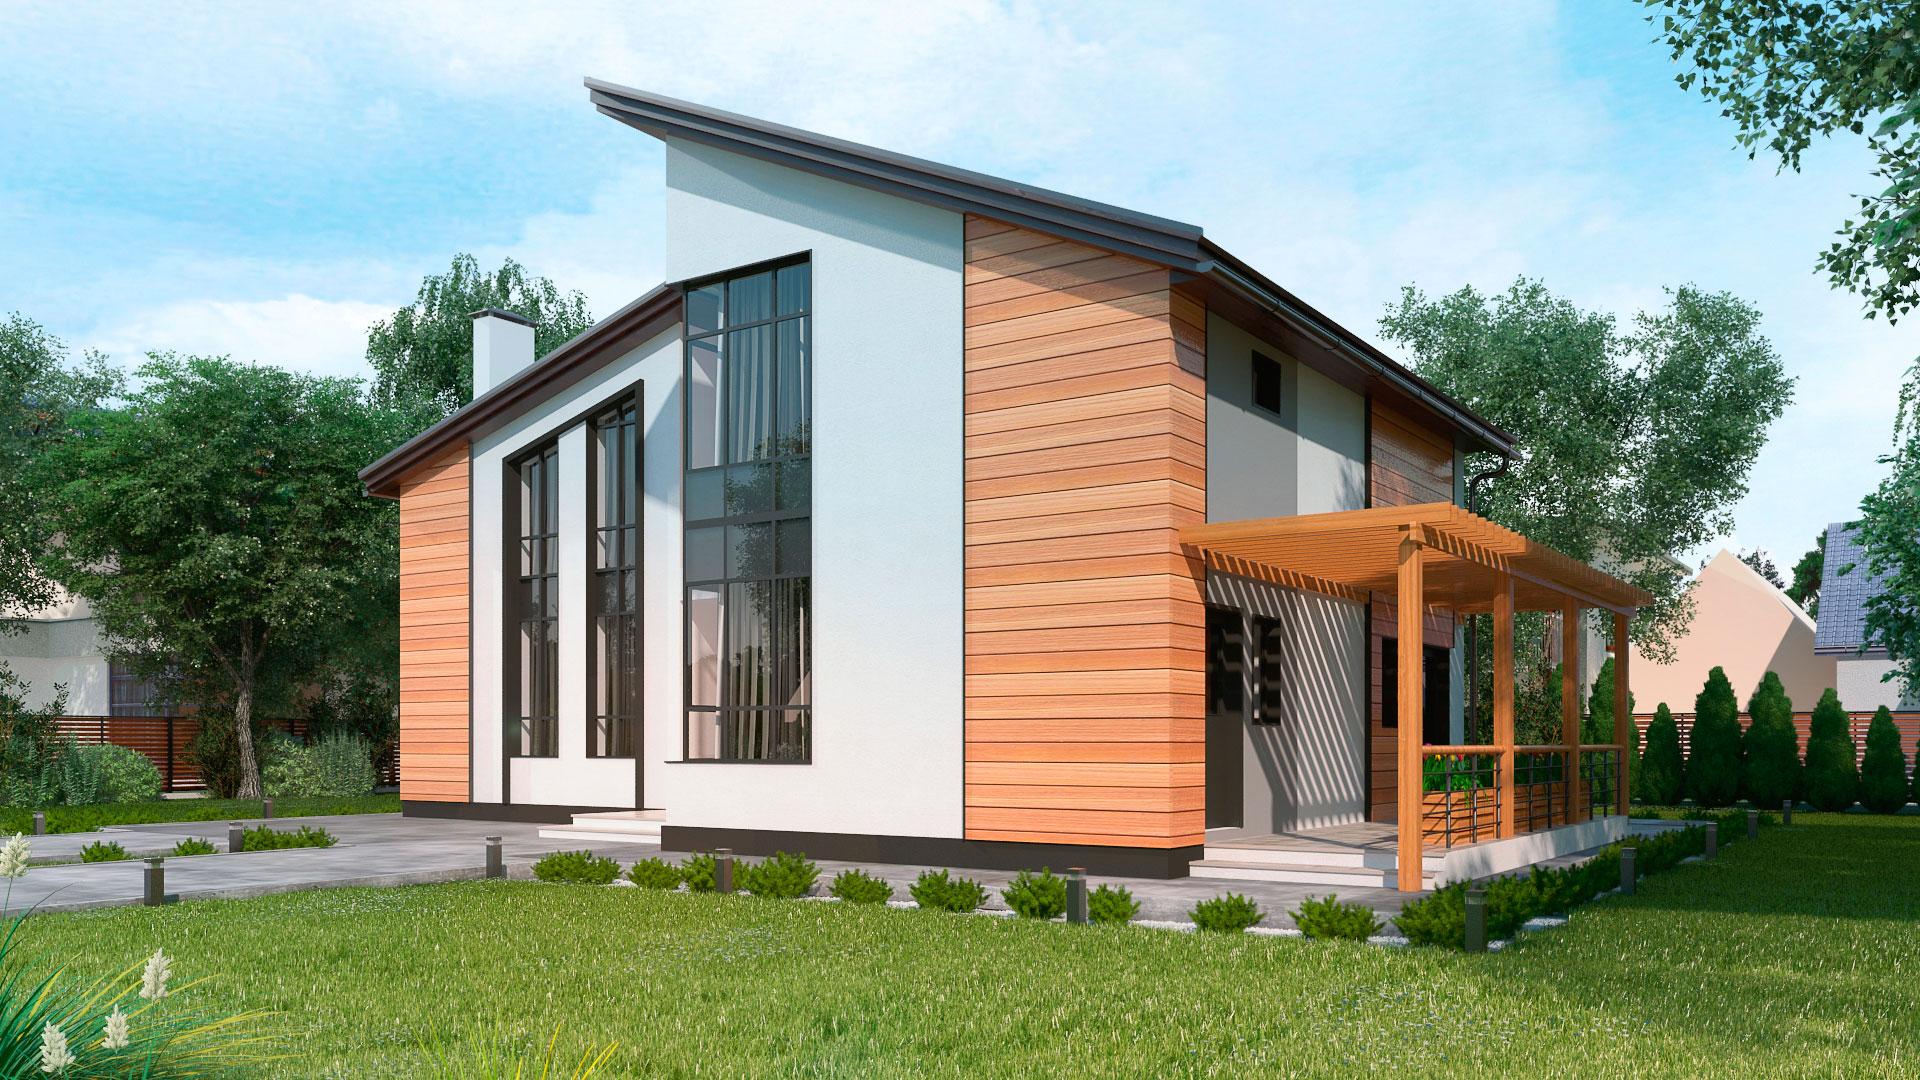 Задний фасад двухэтажного шестикомнатного дома с террасой и балконом, проект БЭНПАН МС-296.